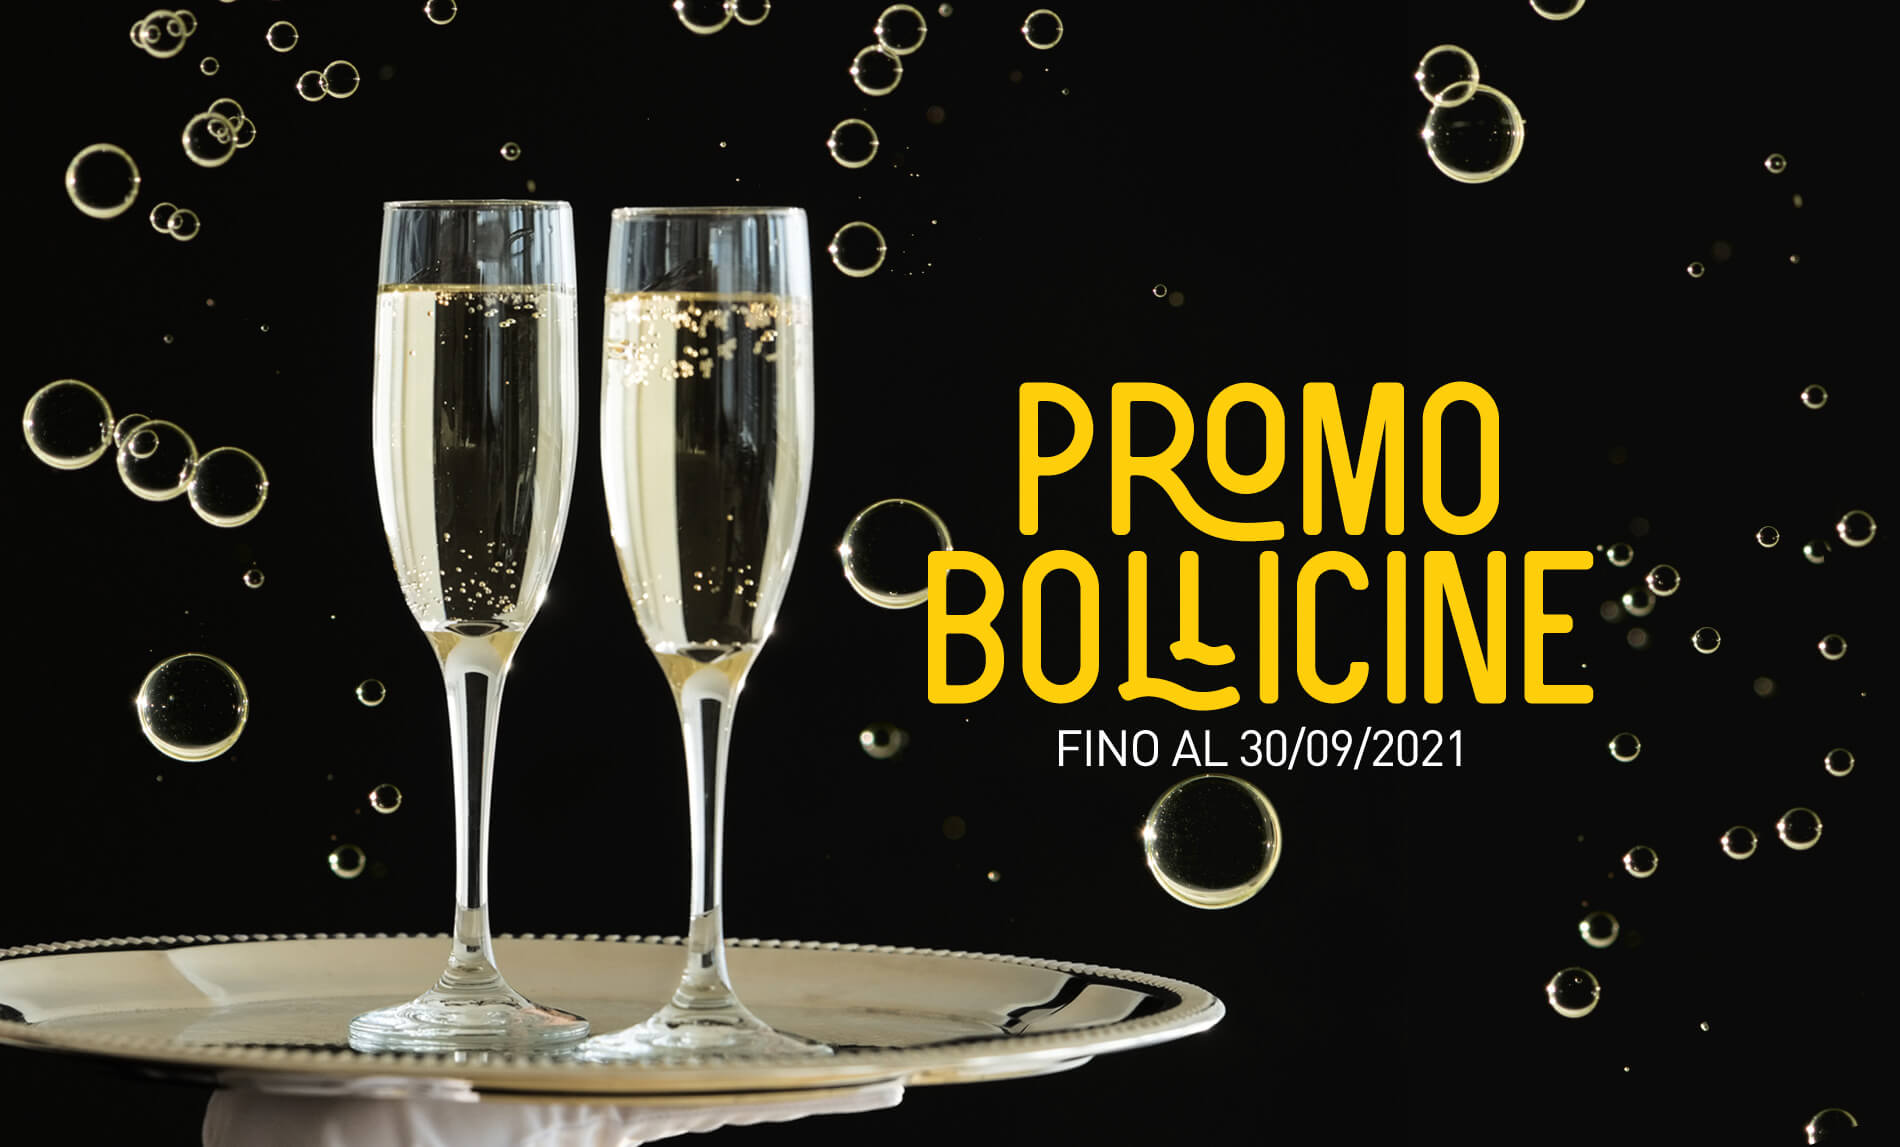 promo-bollicine-top